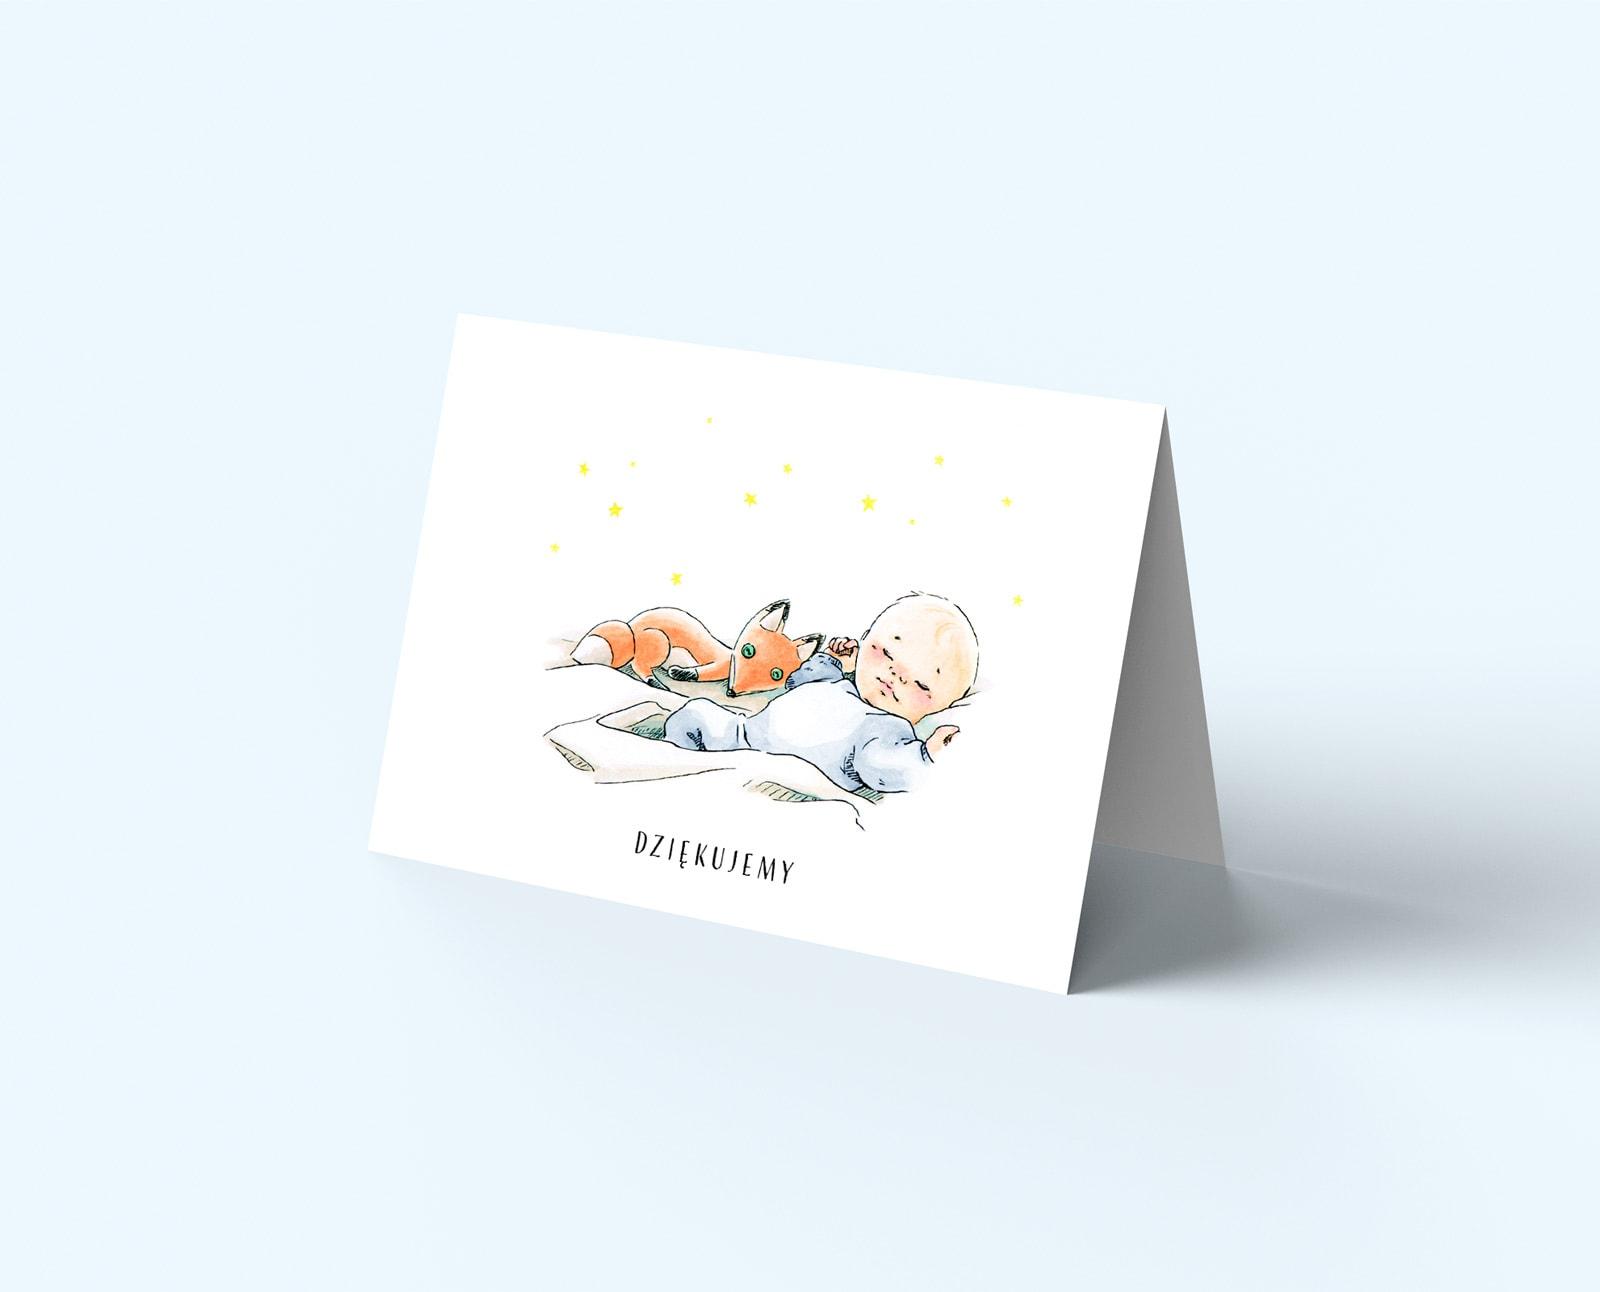 Kartki z podziękowaniem, skłądane z rysunkiem liska na okładce